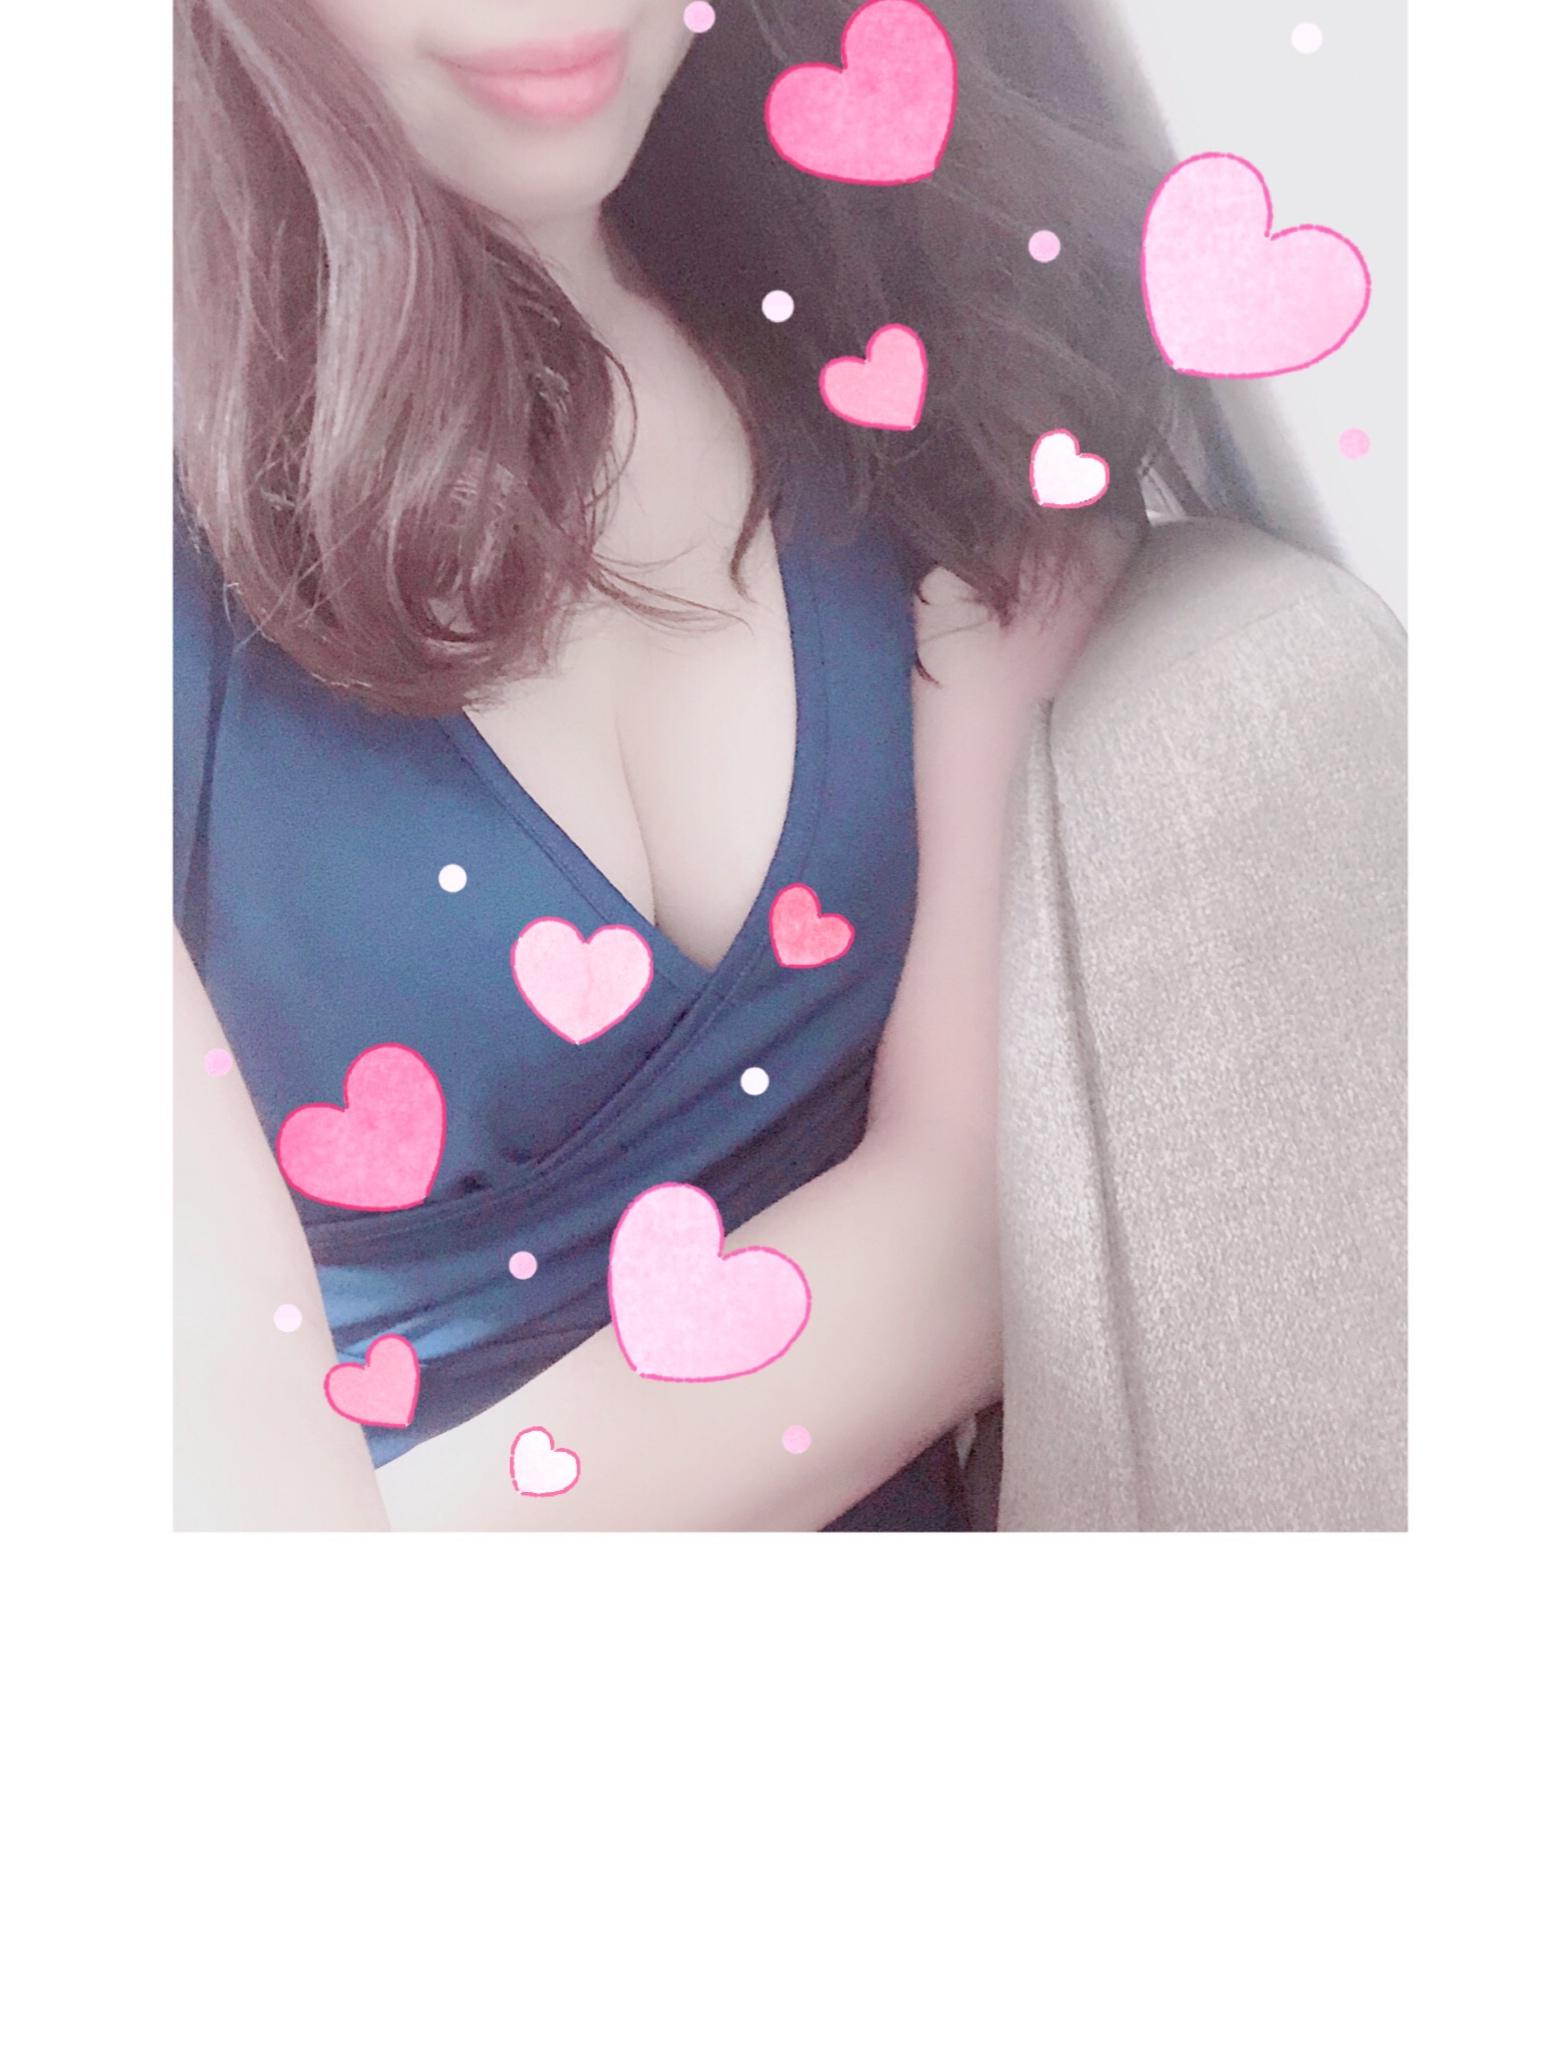 ブログ 大阪 メンズ エステ